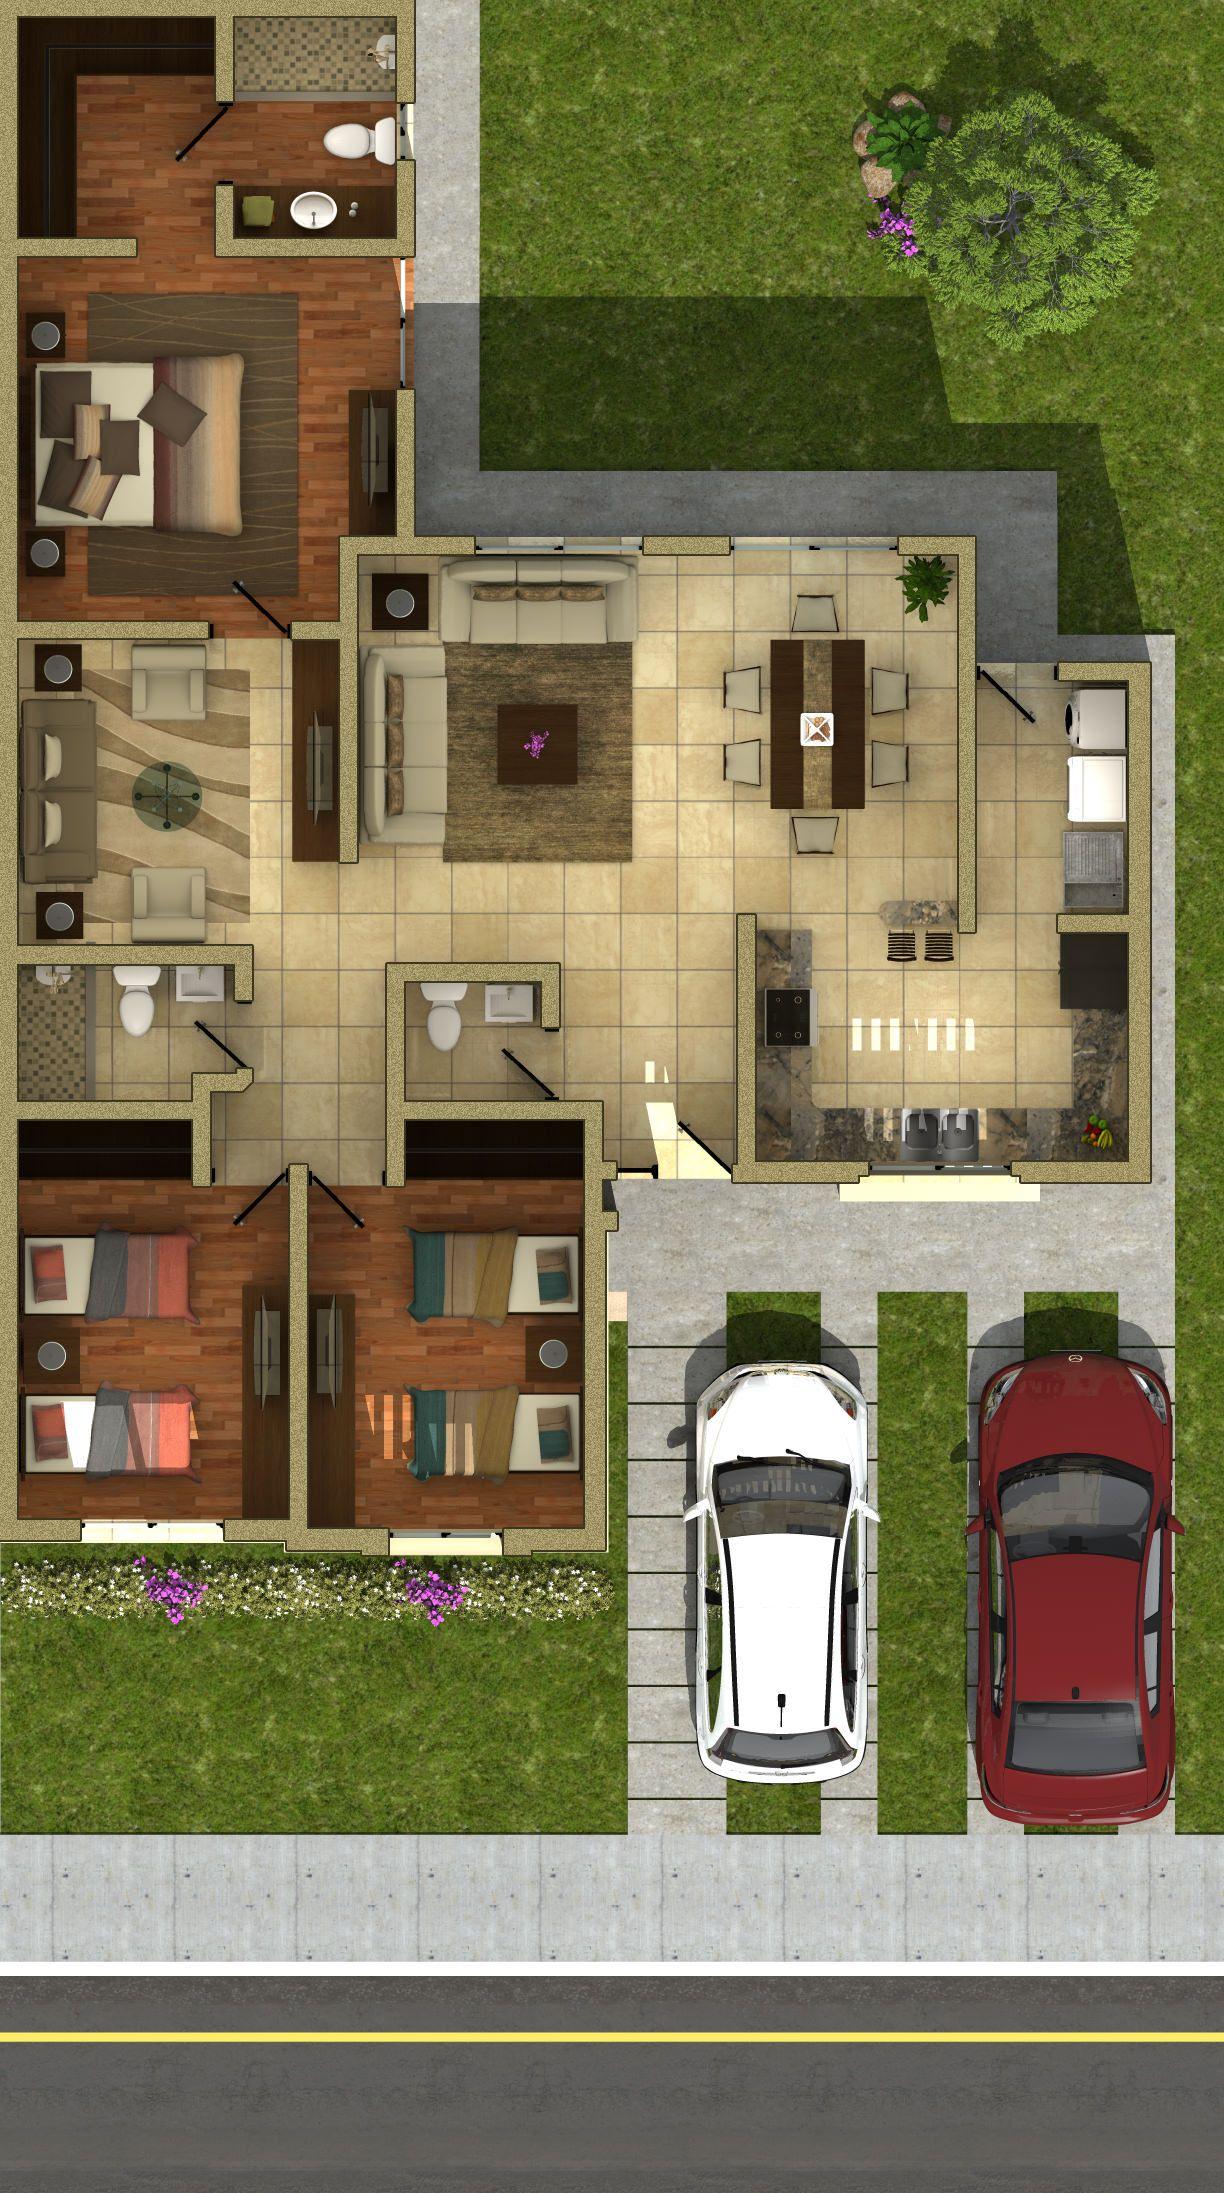 Planta baja planos de casas pinterest house for Planos casas sims